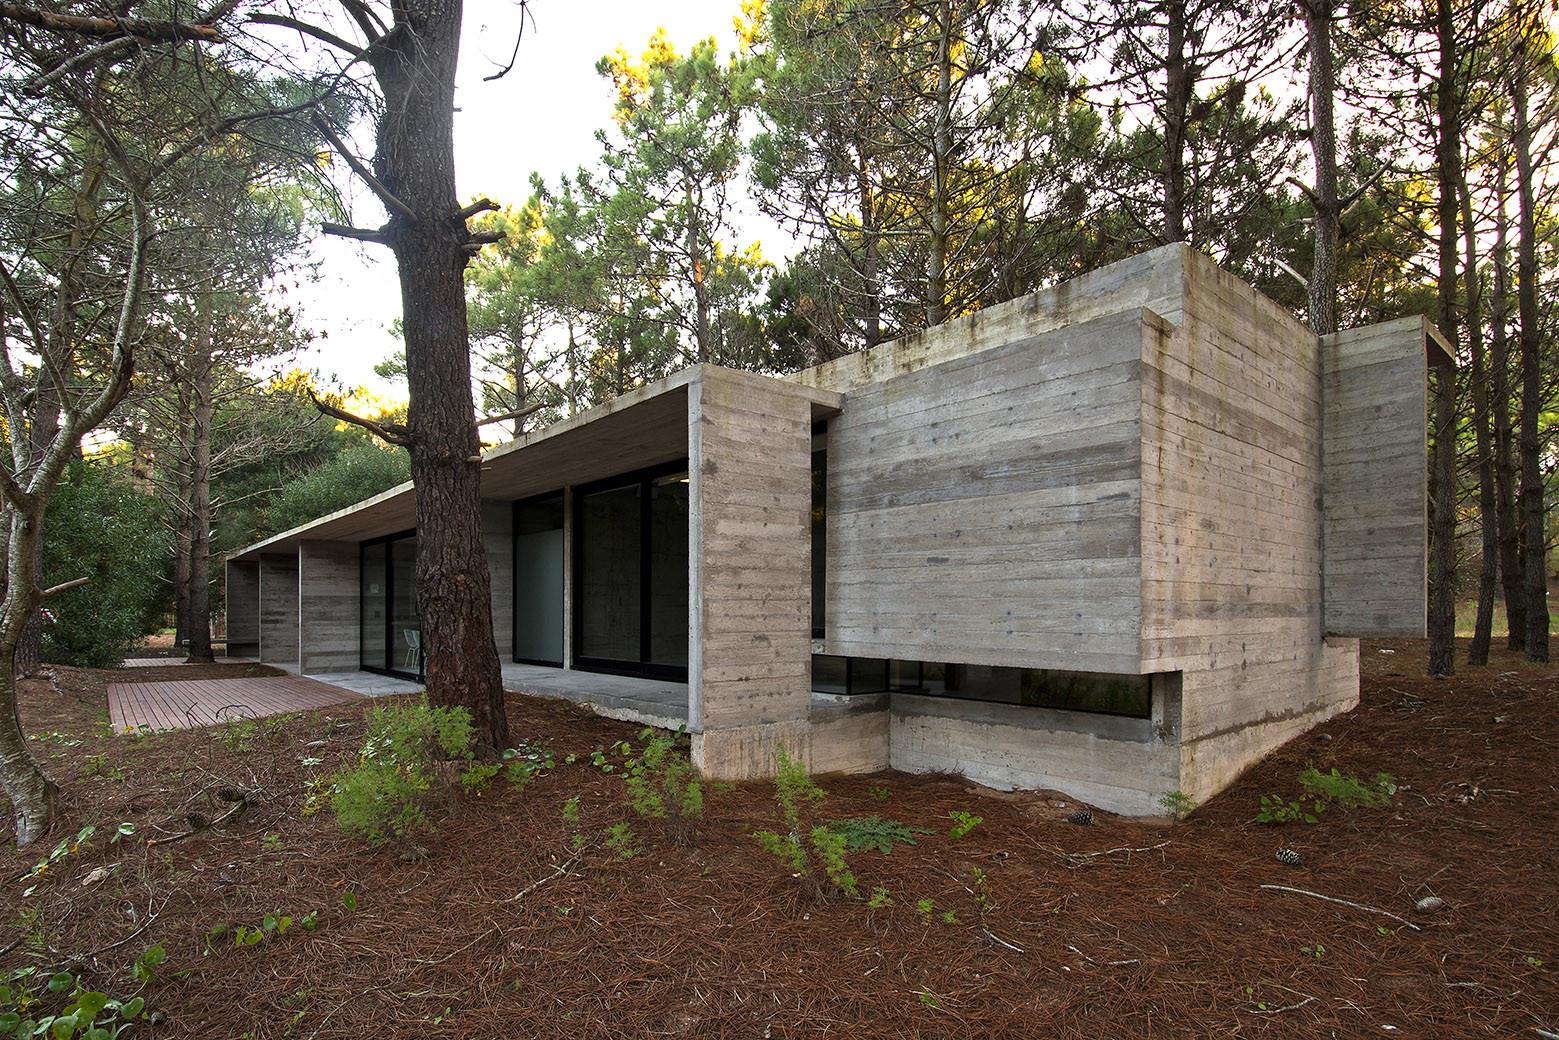 Sv house luciano kruk arquitectos archdaily - Casas de cemento y madera ...